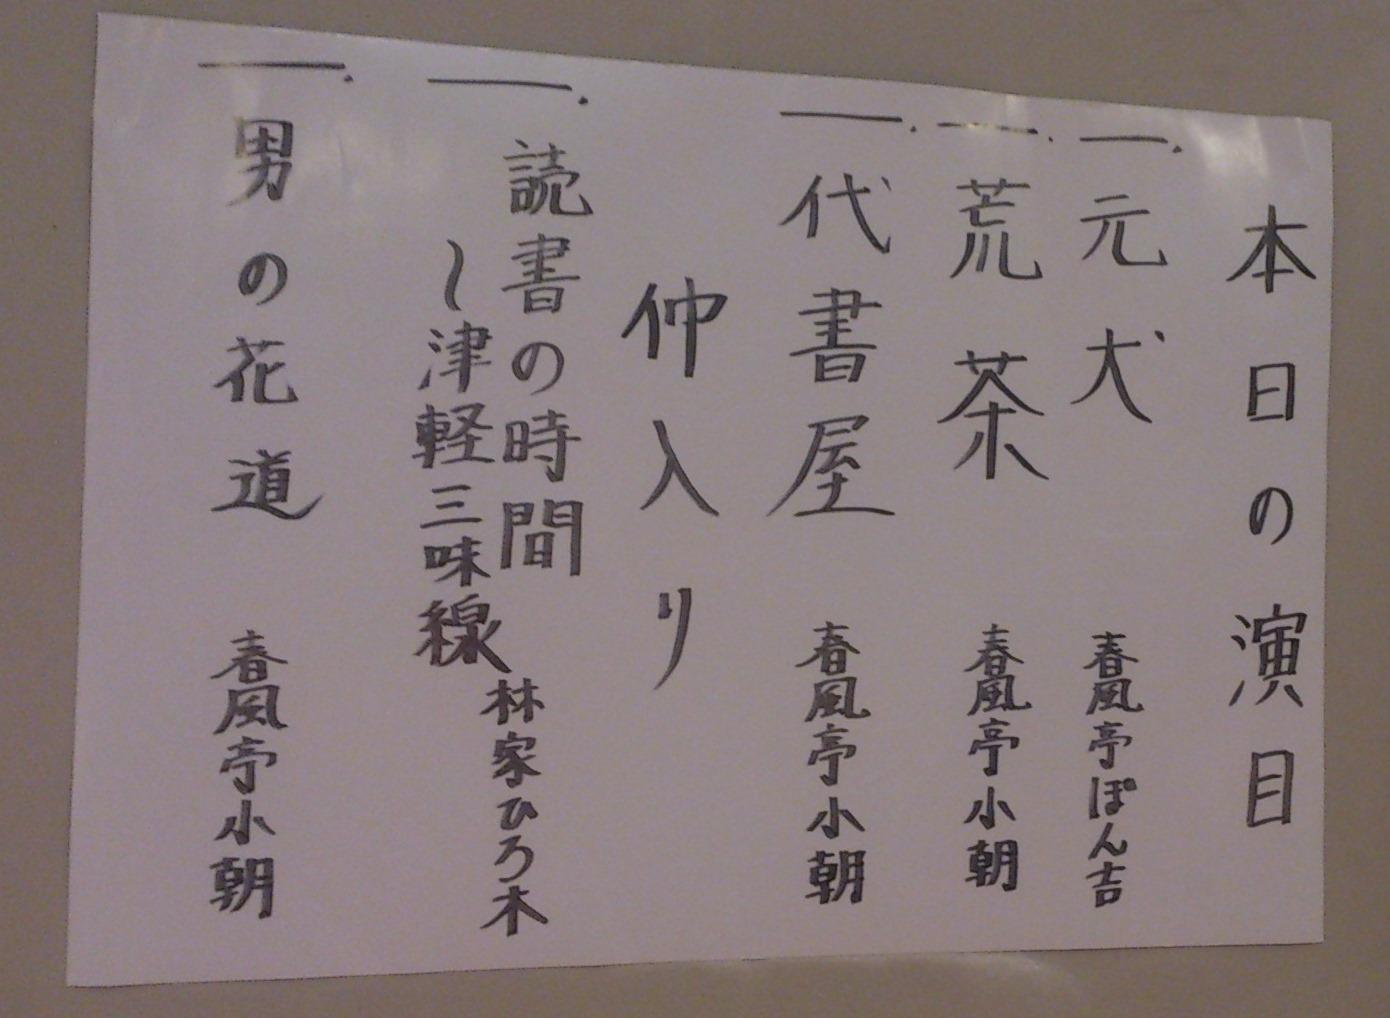 春風亭小朝 独演会@きゅりあん_c0100865_07464467.jpg